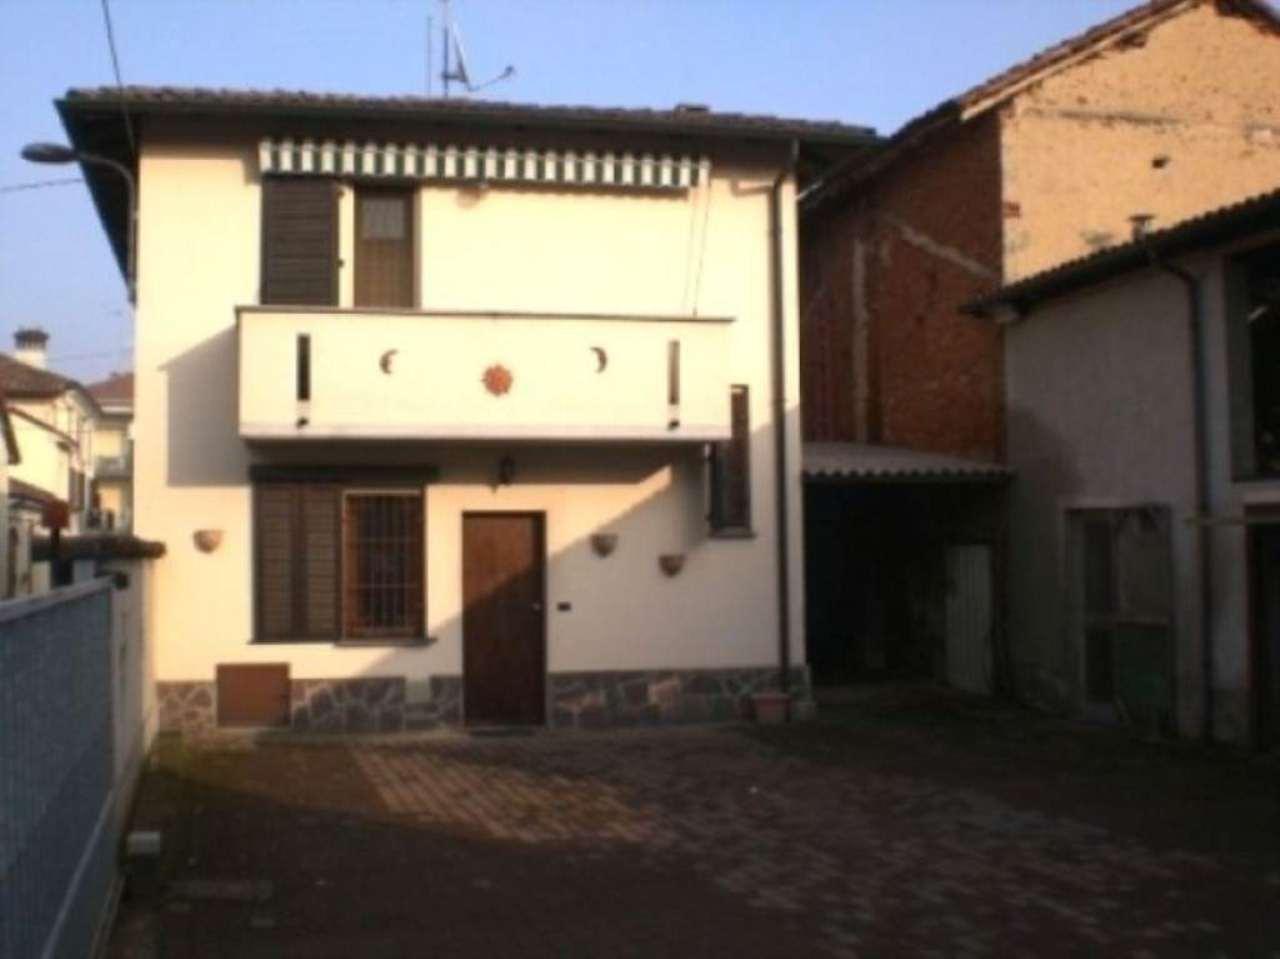 Soluzione Indipendente in vendita a Dorno, 3 locali, prezzo € 120.000 | Cambio Casa.it